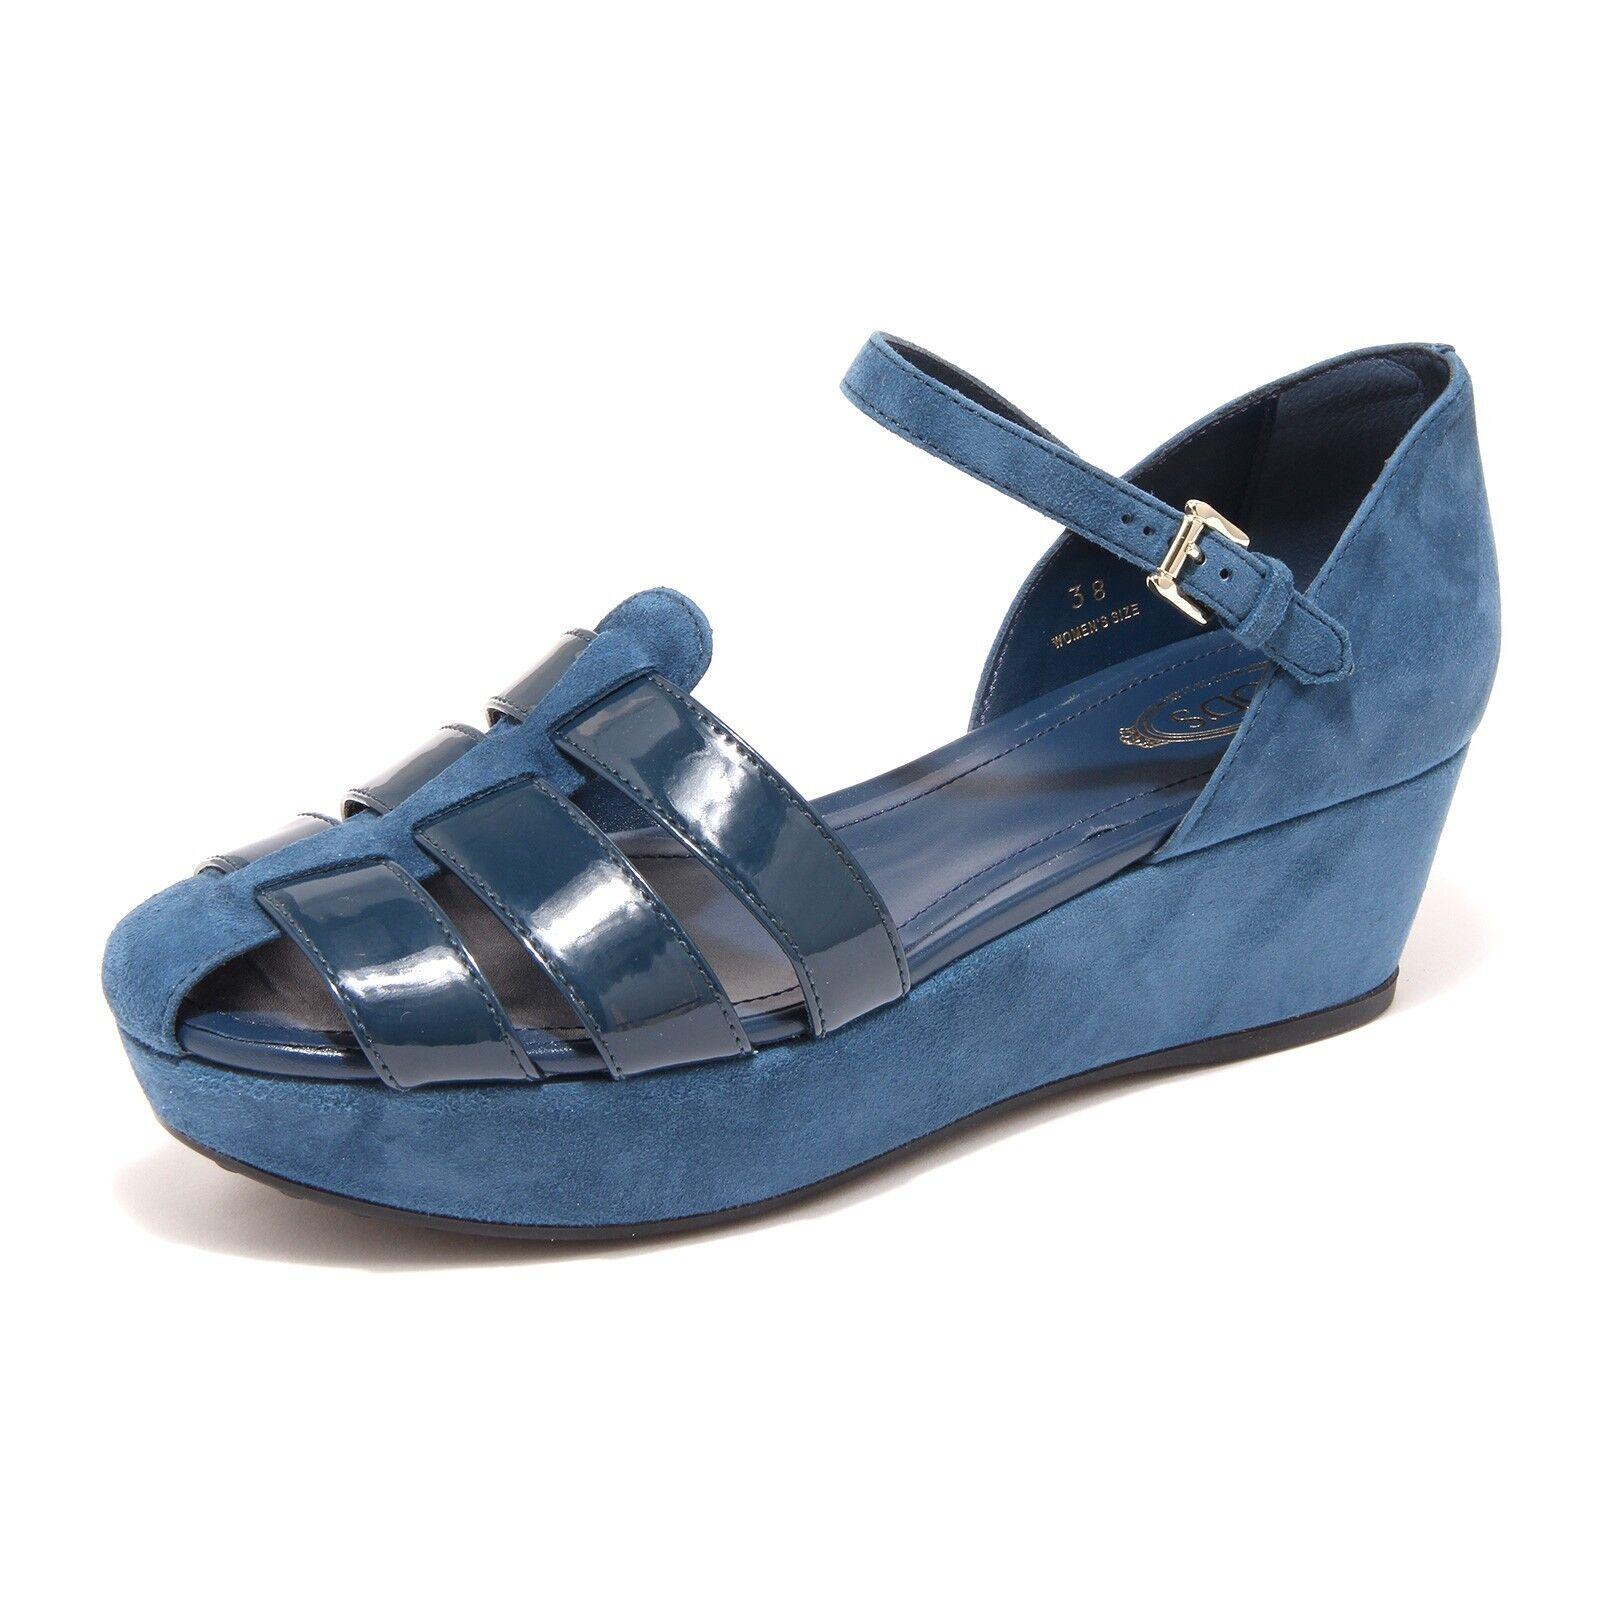 Scarpa mujer Zeppa 42833 Sandalo Sandalo Sandalo tods Zapatos de mujer  barato